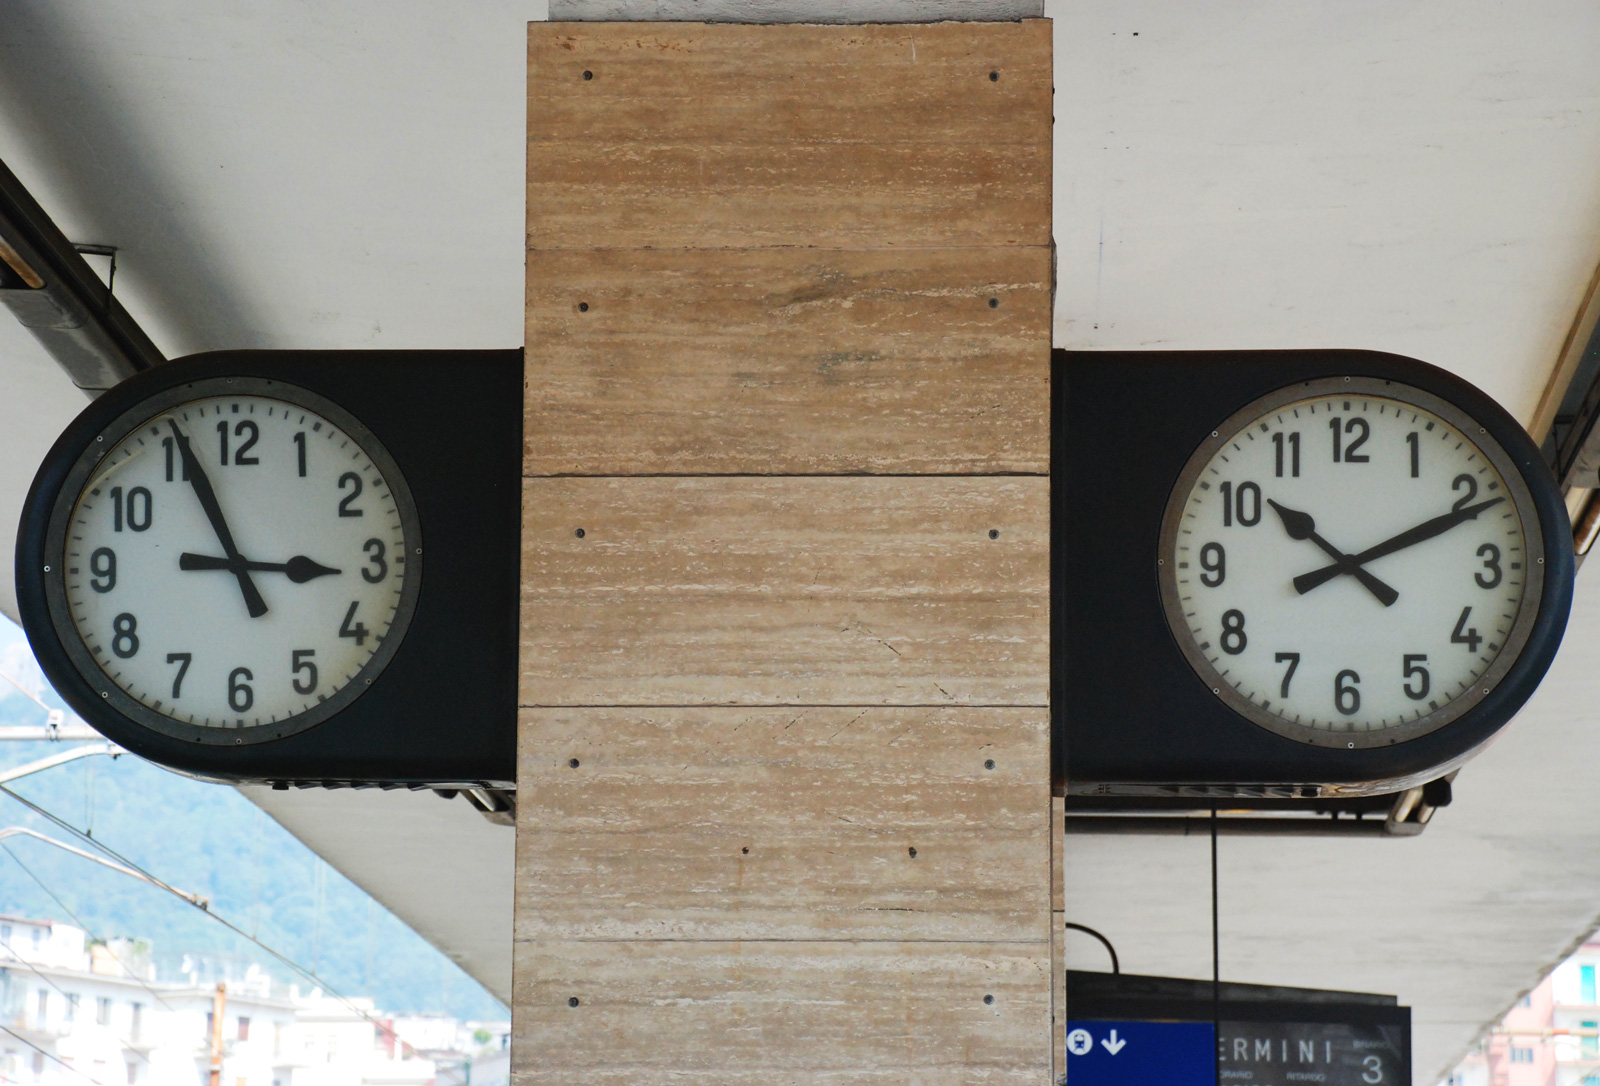 Foto orologi stazione ferroviaria